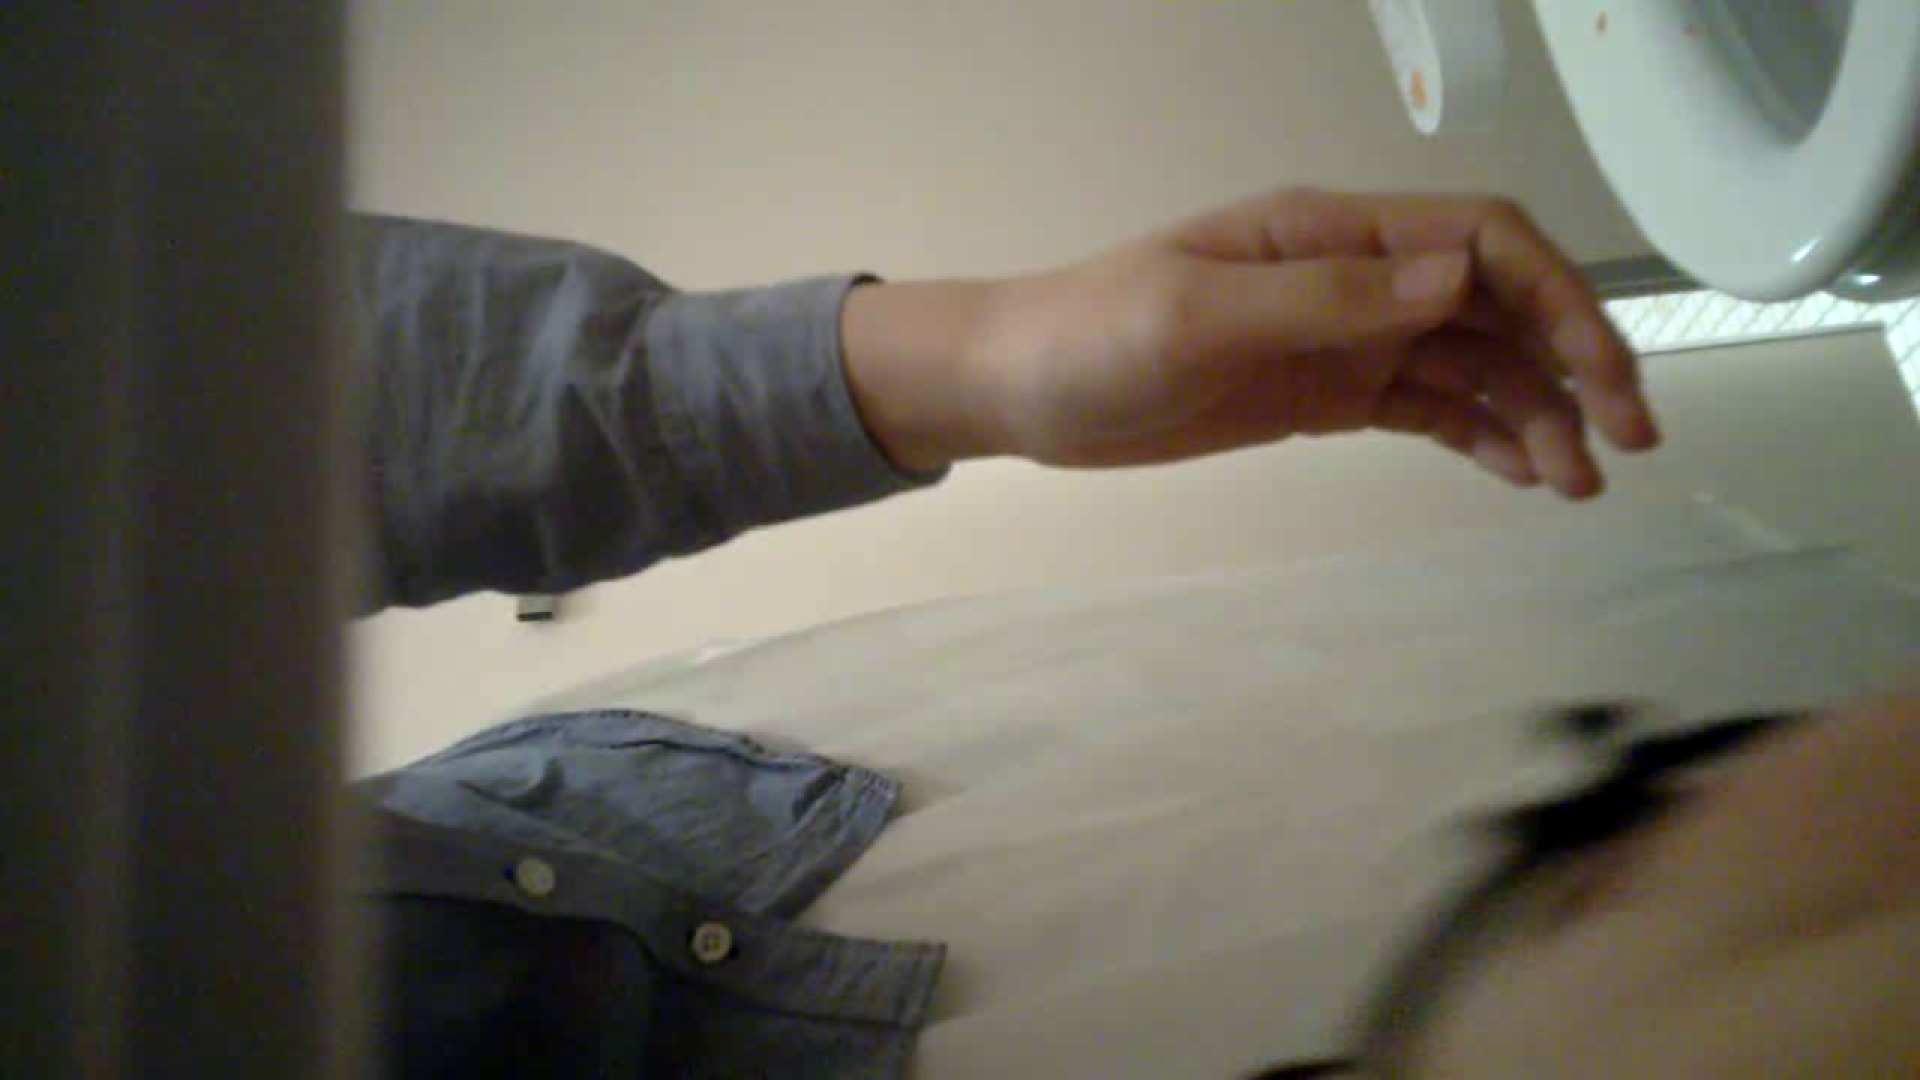 某有名大学女性洗面所 vol.31超大接近 洗面所 のぞき動画画像 106PIX 62